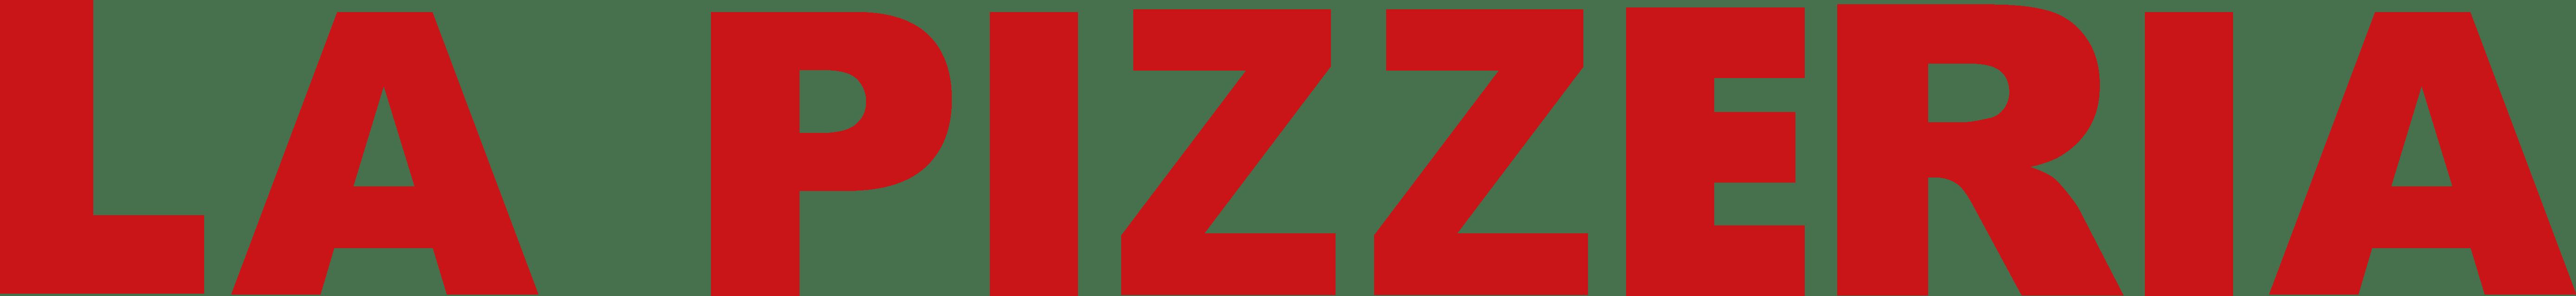 Logo la pizzeria (2) (1)